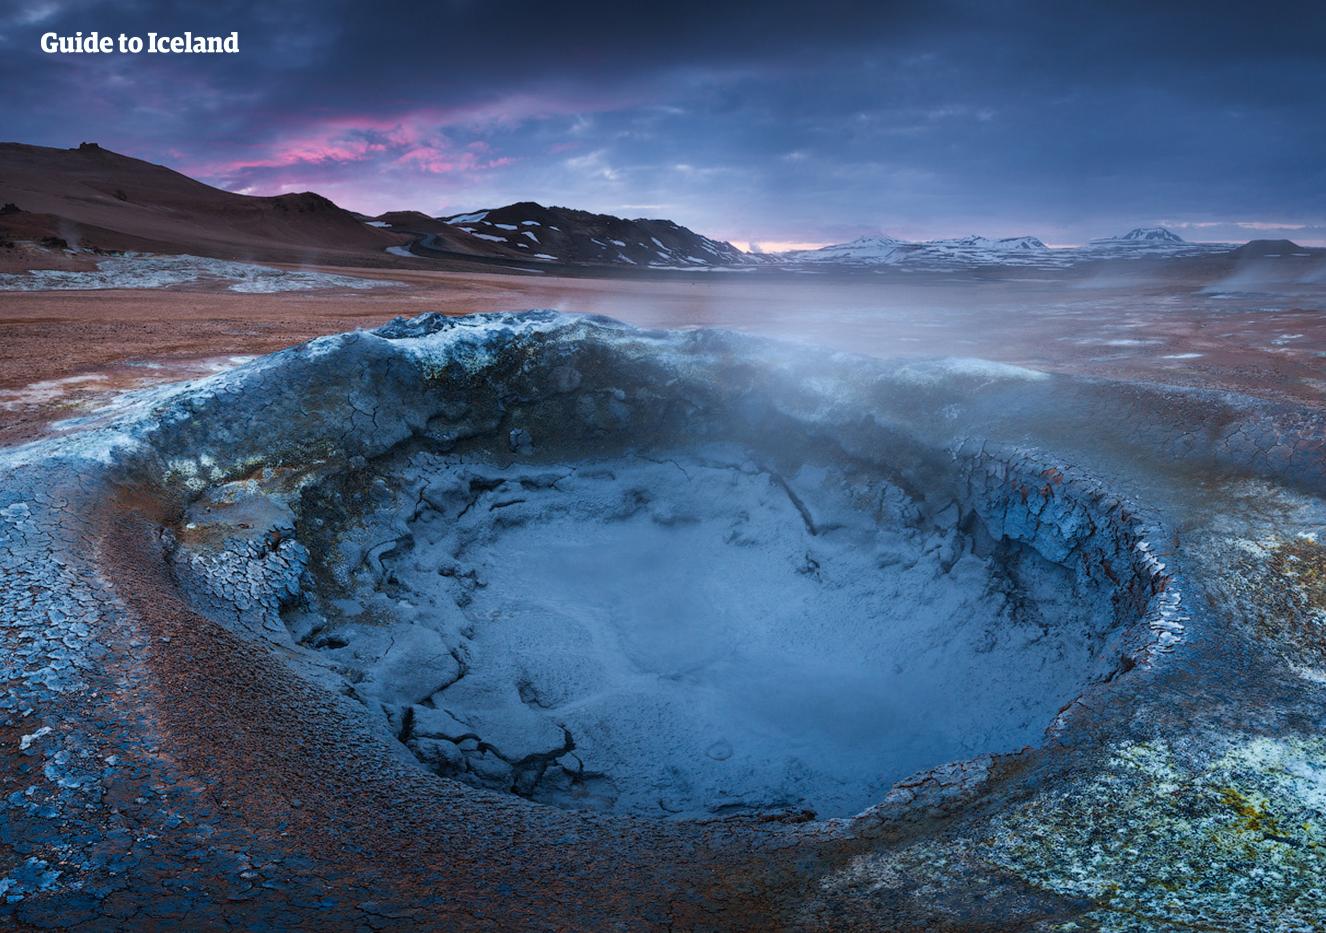 ใกล้ๆ ทะเลสาบมิวาทน์มีแหล่งพลังงานความร้อนใต้พิภพมากมาย